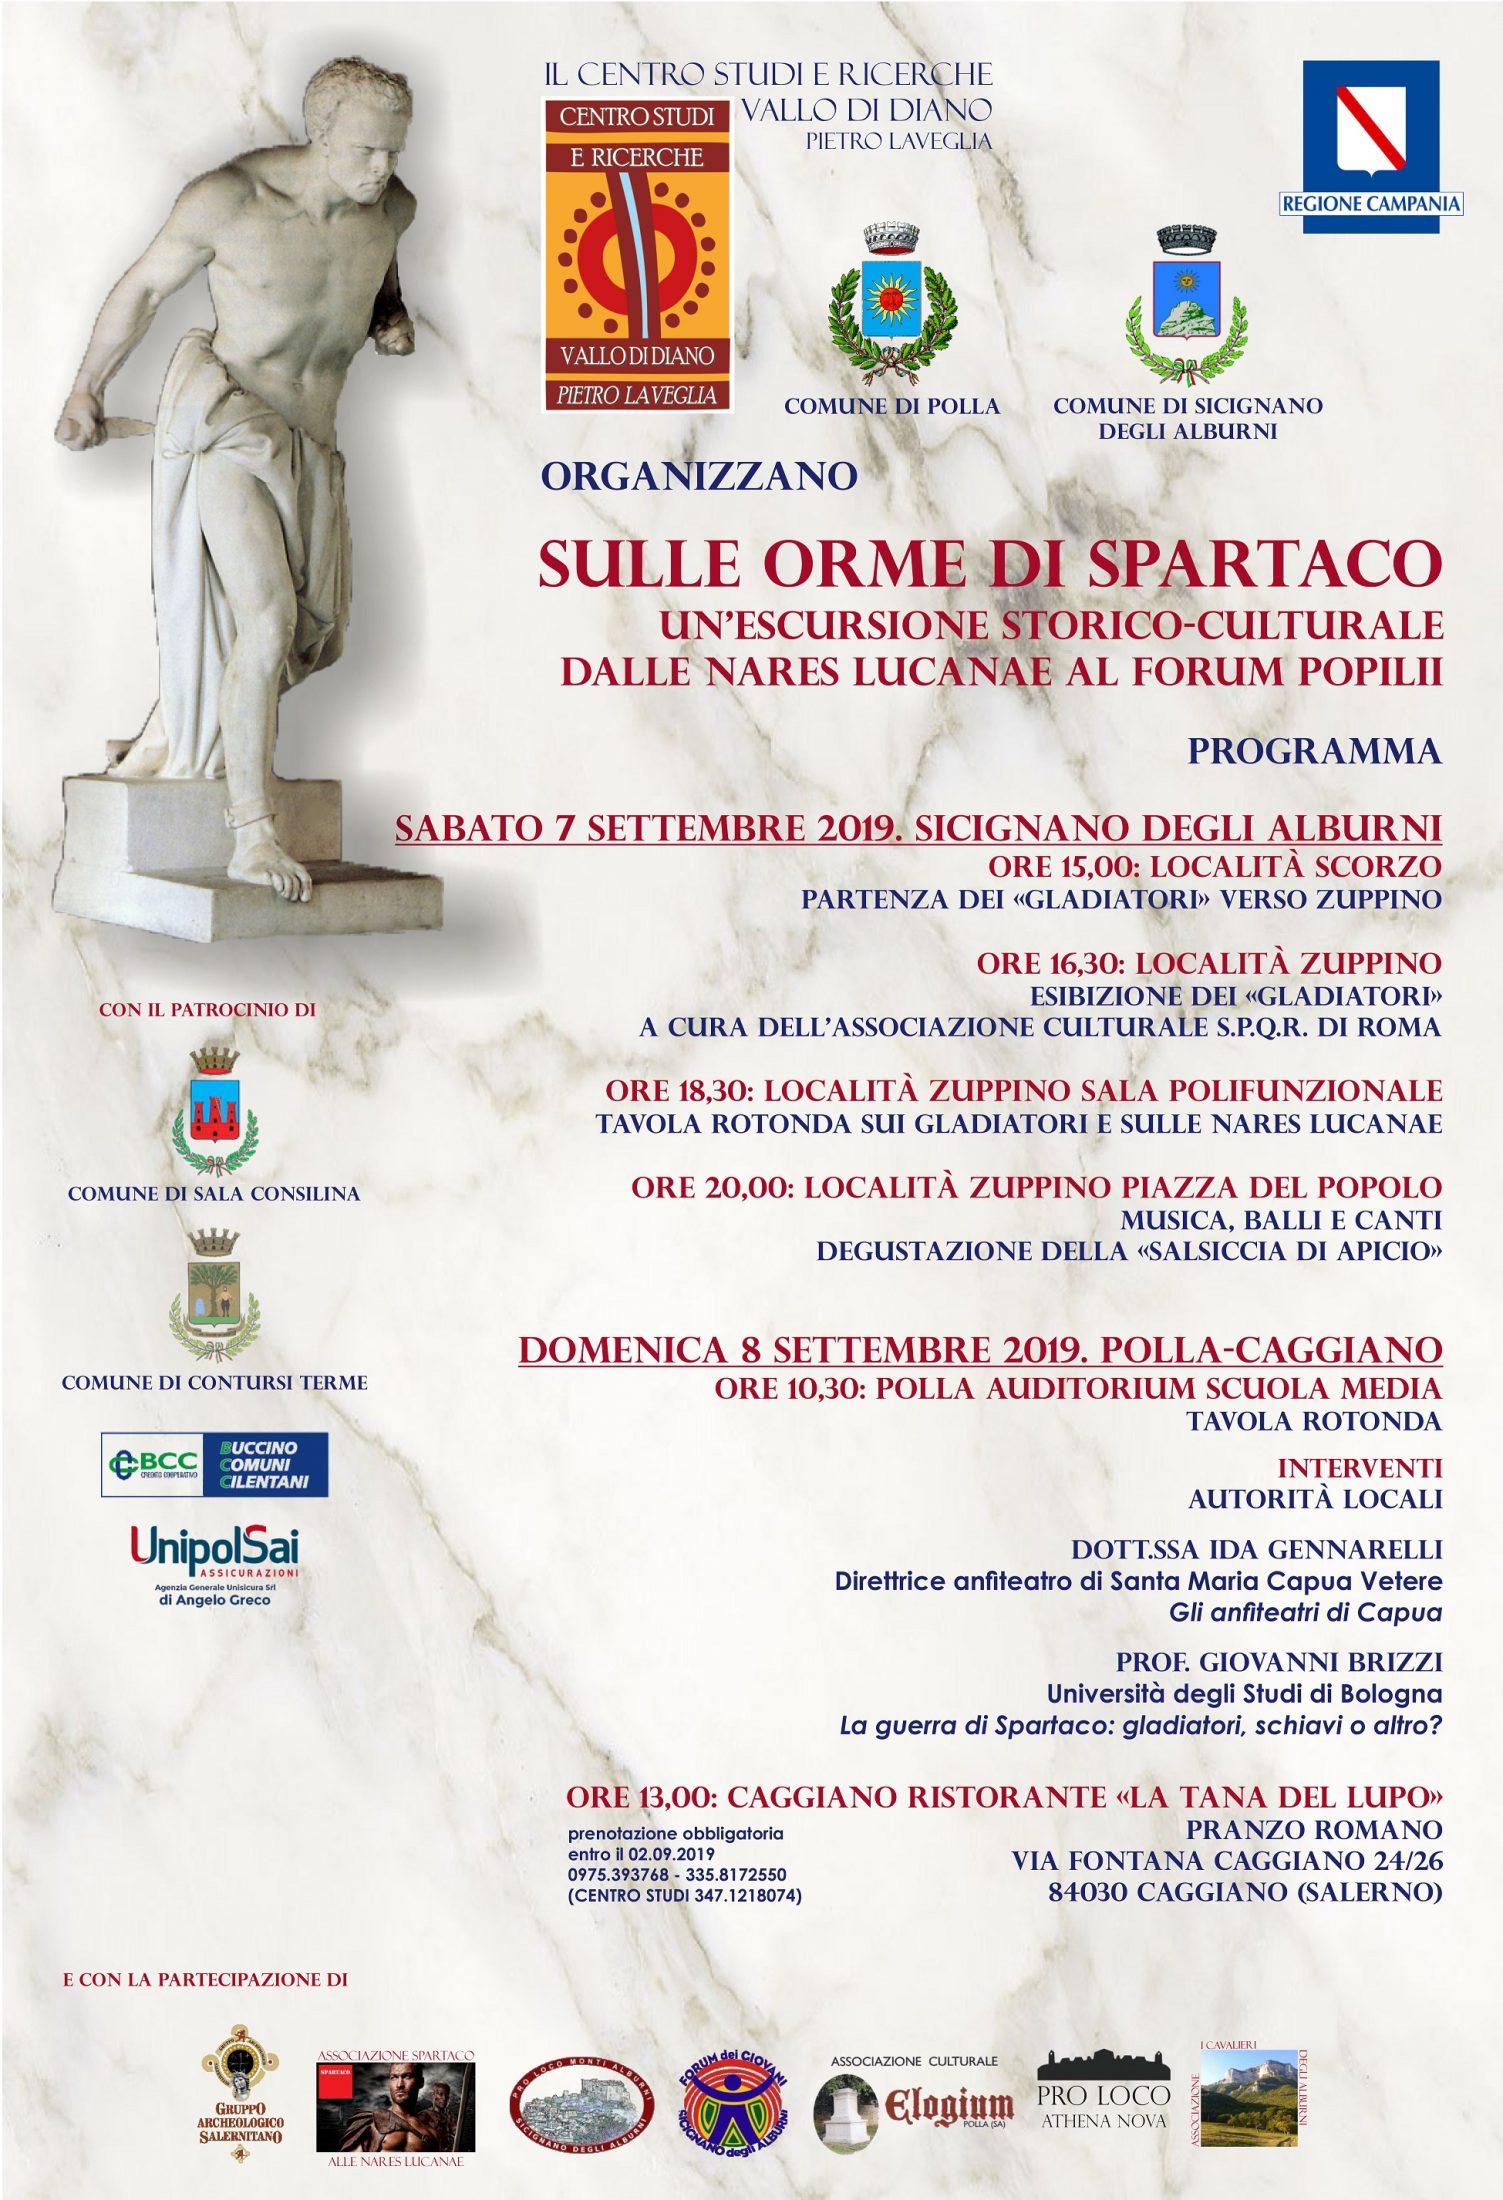 """Manifesto Spartaco 2019 ter - Escursione storico-culturale """"Sulle orme di Spartaco"""" tra Sicignano, Polla e Caggiano"""